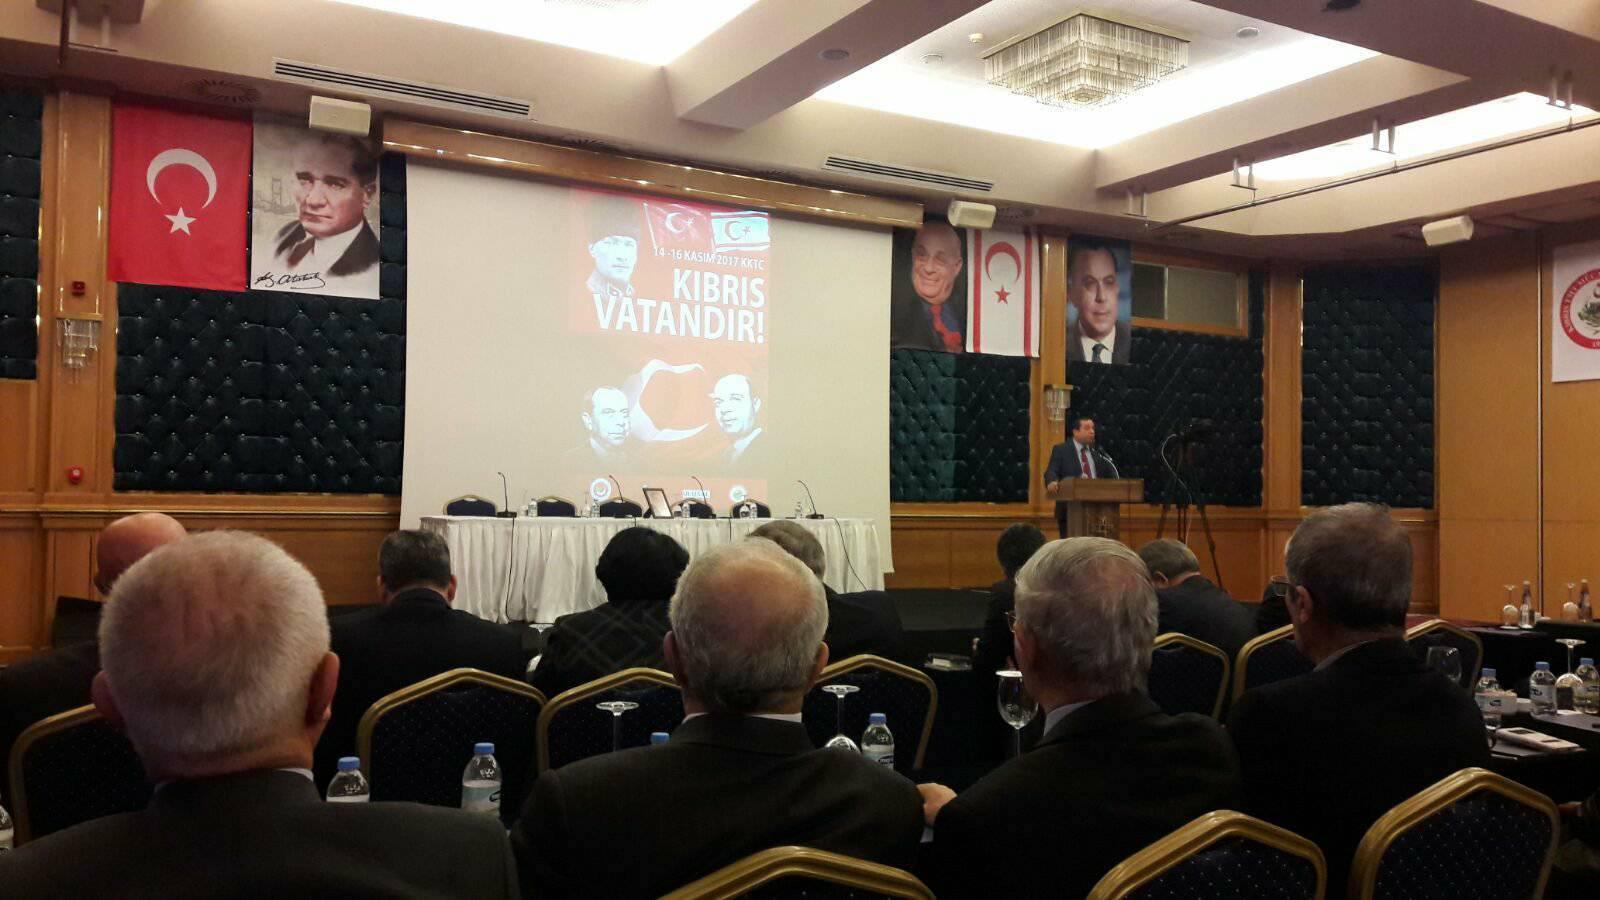 Kuzey Kıbrıs Türk Cumhuriyeti (KKTC)'nde yapılan Geçmişten Geleceğe Kıbrıs ve KKTC Sempozyumu